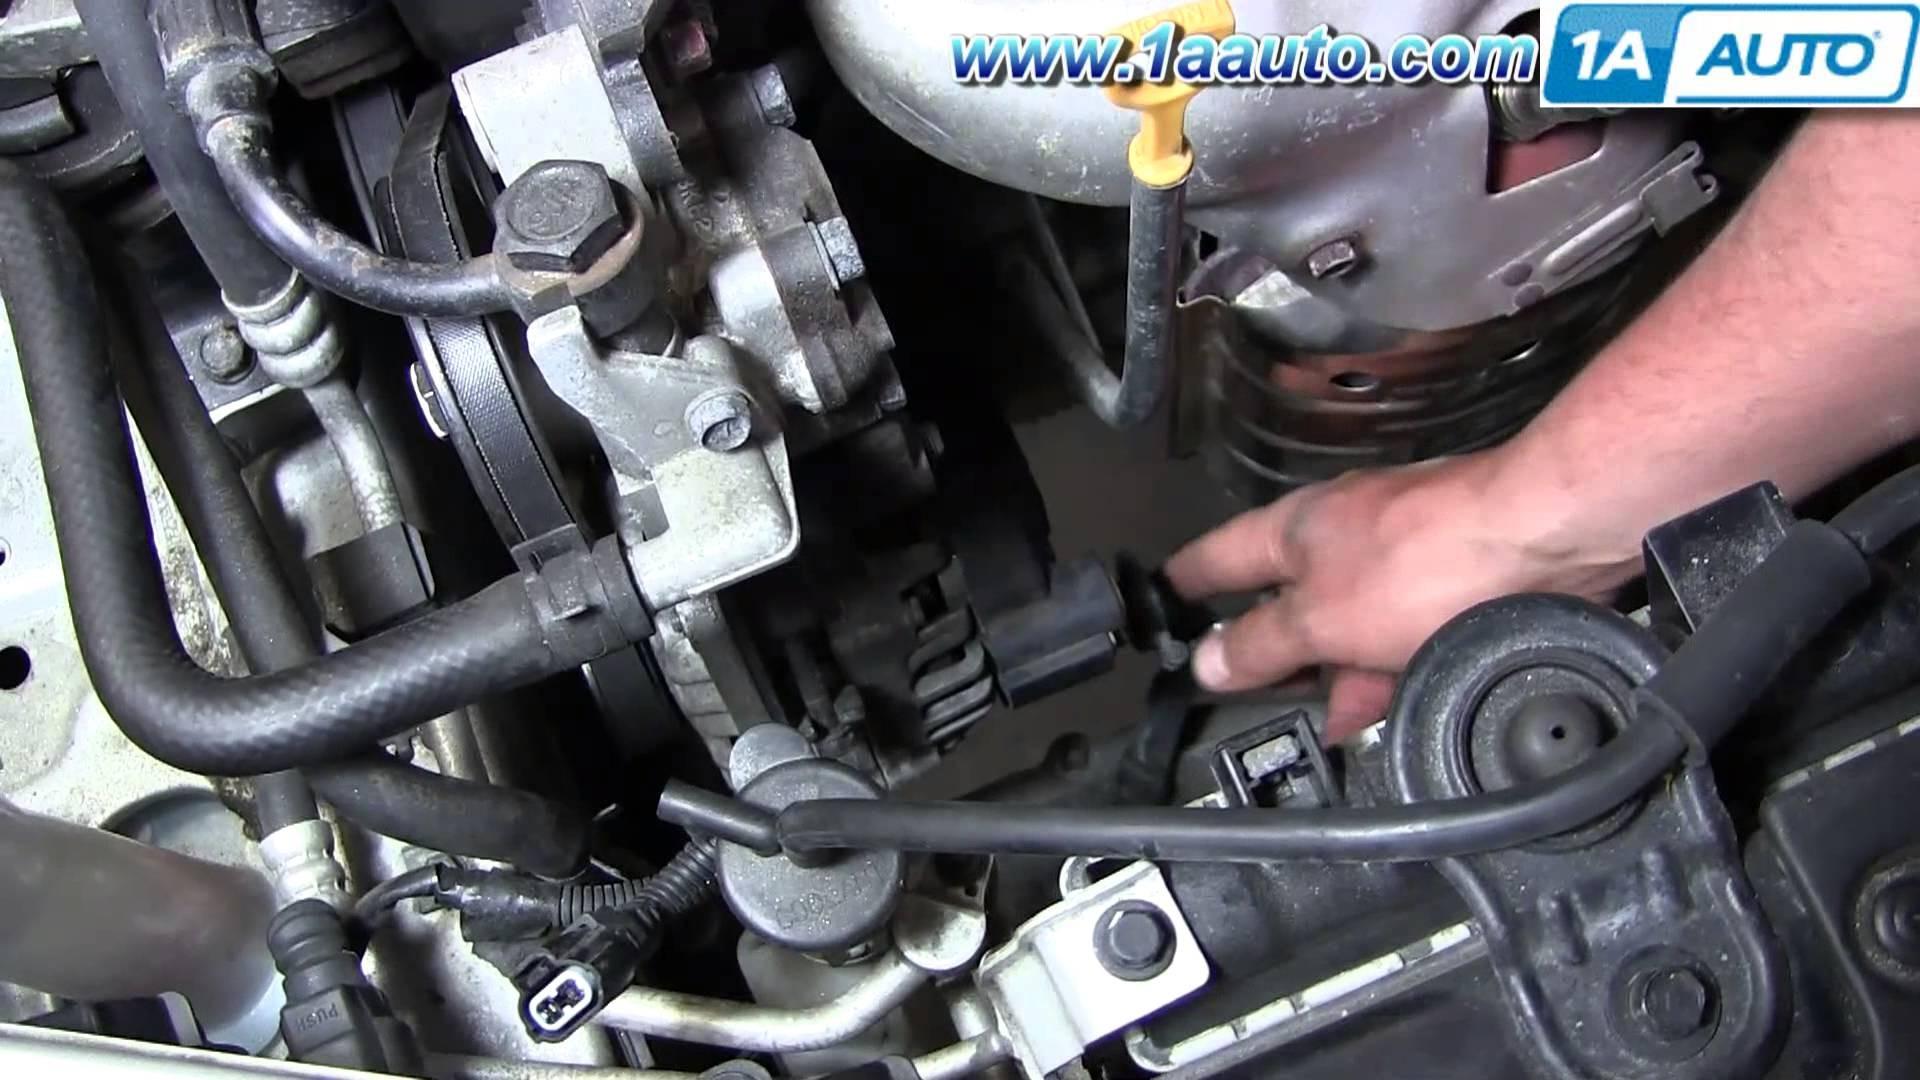 2004 Hyundai Accent Engine Diagram How to Install Replace Alternator 2001 06 Hyundai Elantra 2 0l Of 2004 Hyundai Accent Engine Diagram